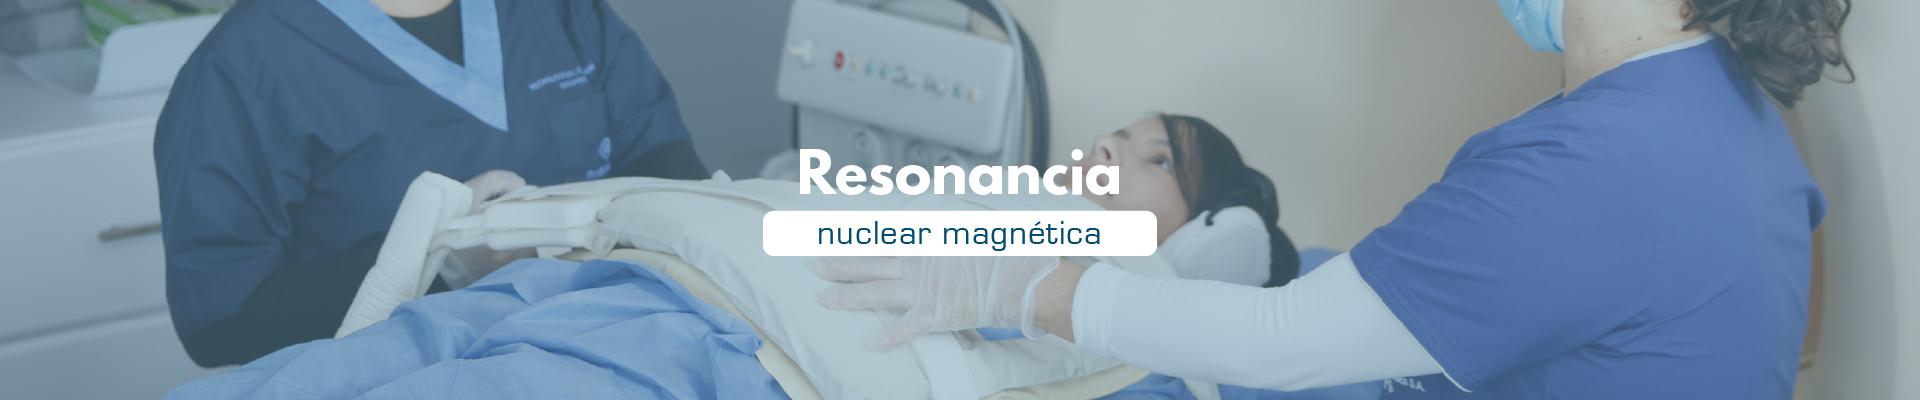 Resonancia nuclear magnética - Fundación Clínica del Norte